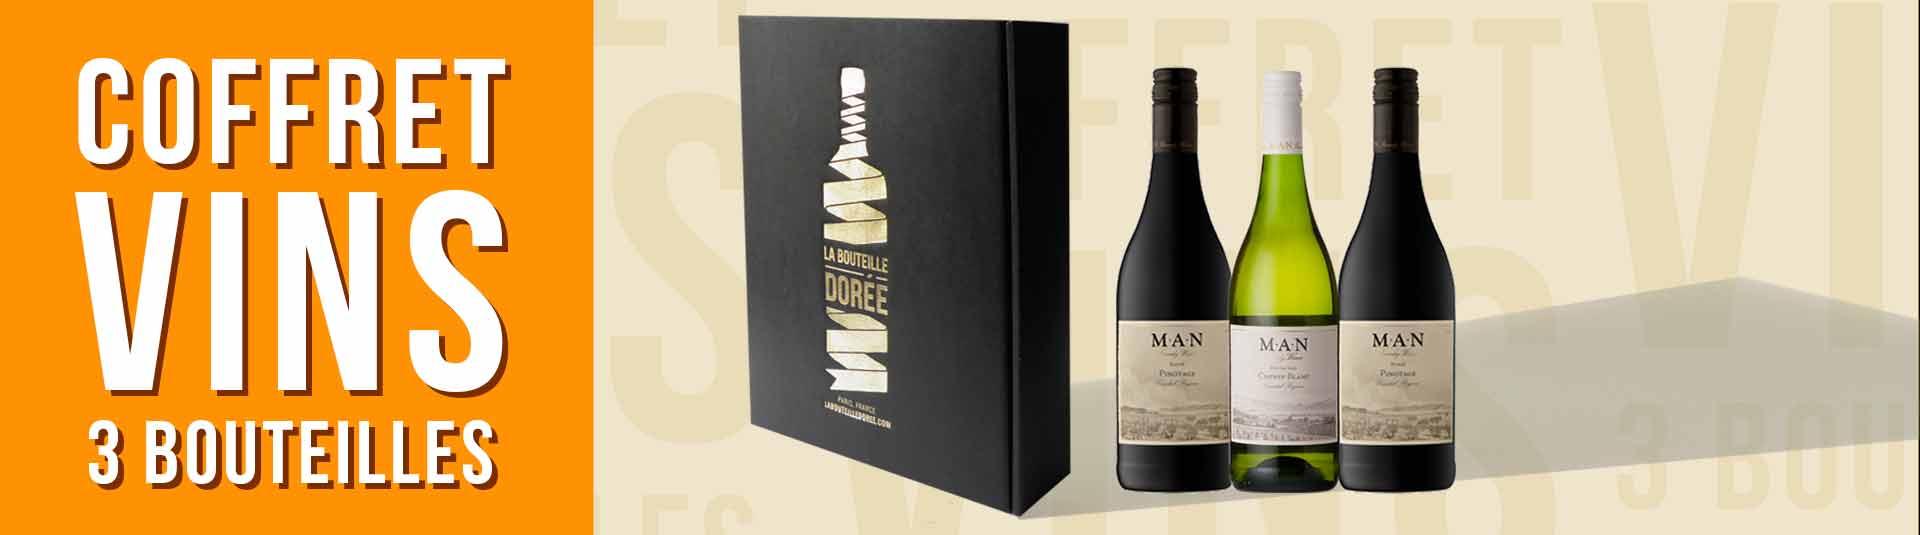 Coffret vin Afrique du Sud 3 bouteilles